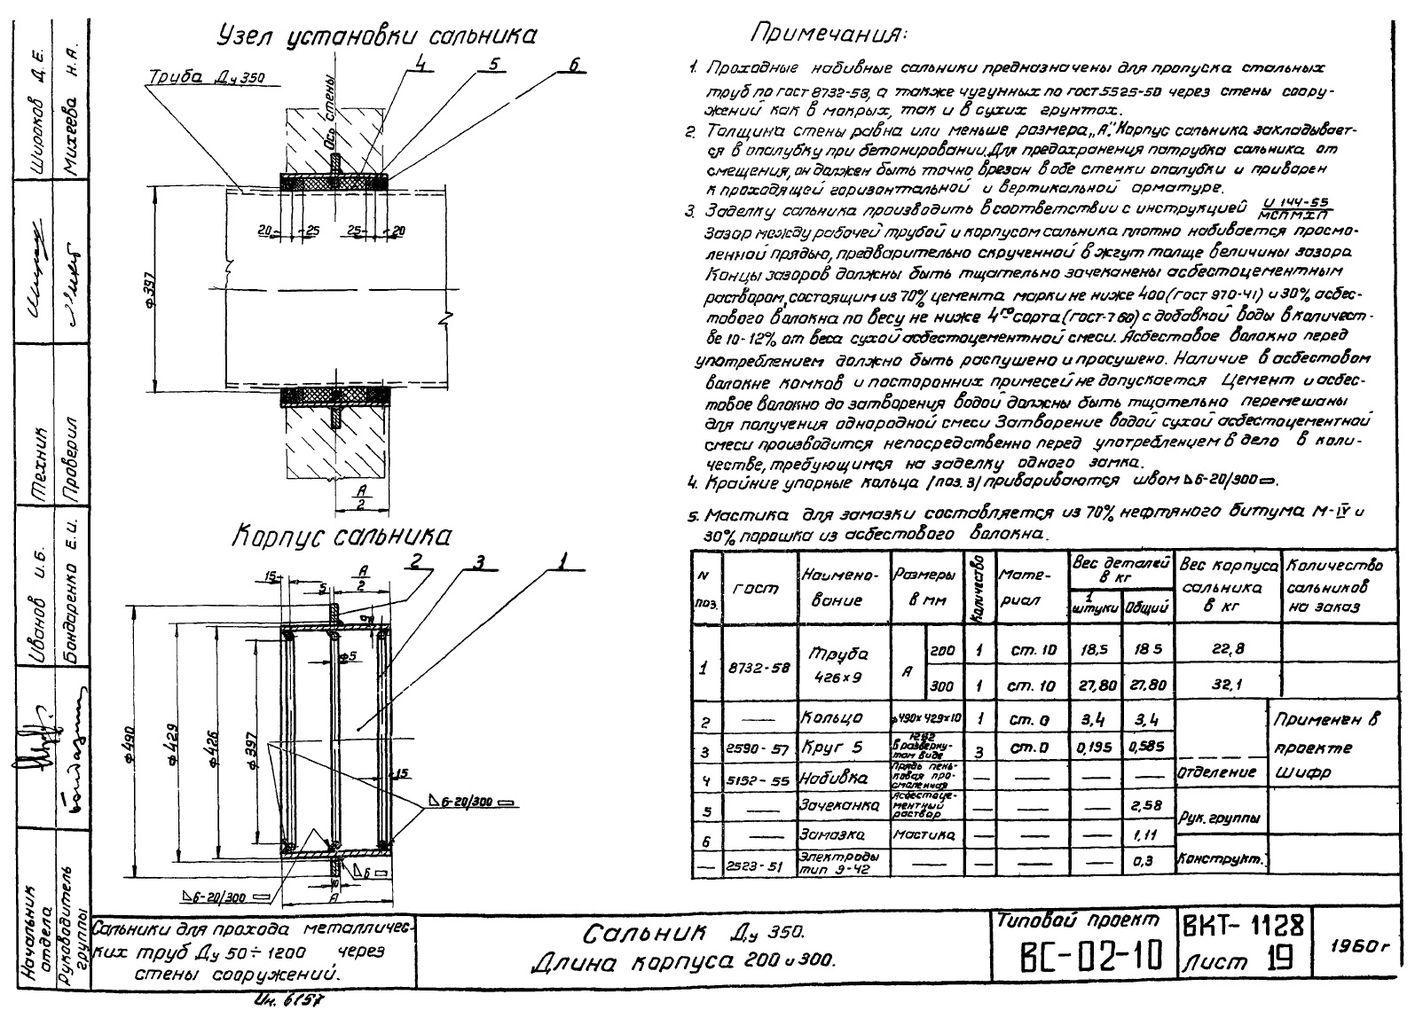 Сальники набивные L = 200 мм типовой проект ВС-02-10 стр.9